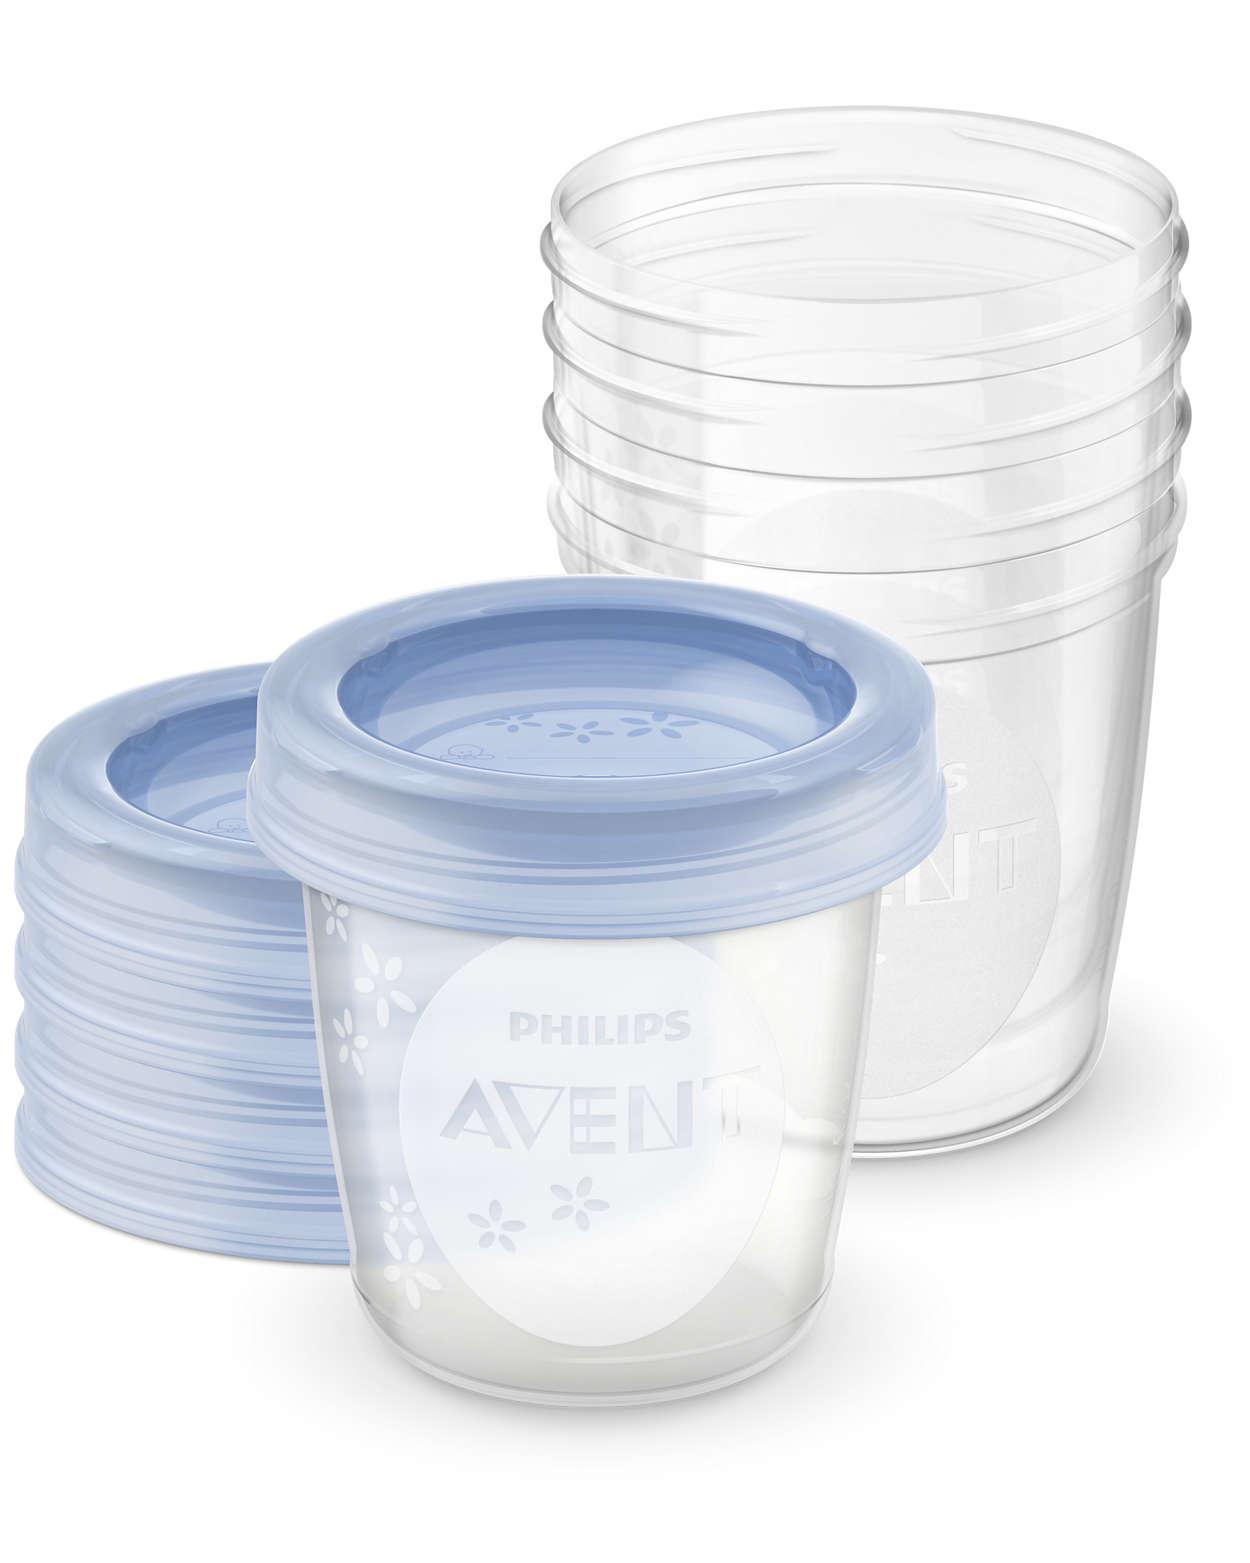 Sicheres Aufbewahren von Muttermilch